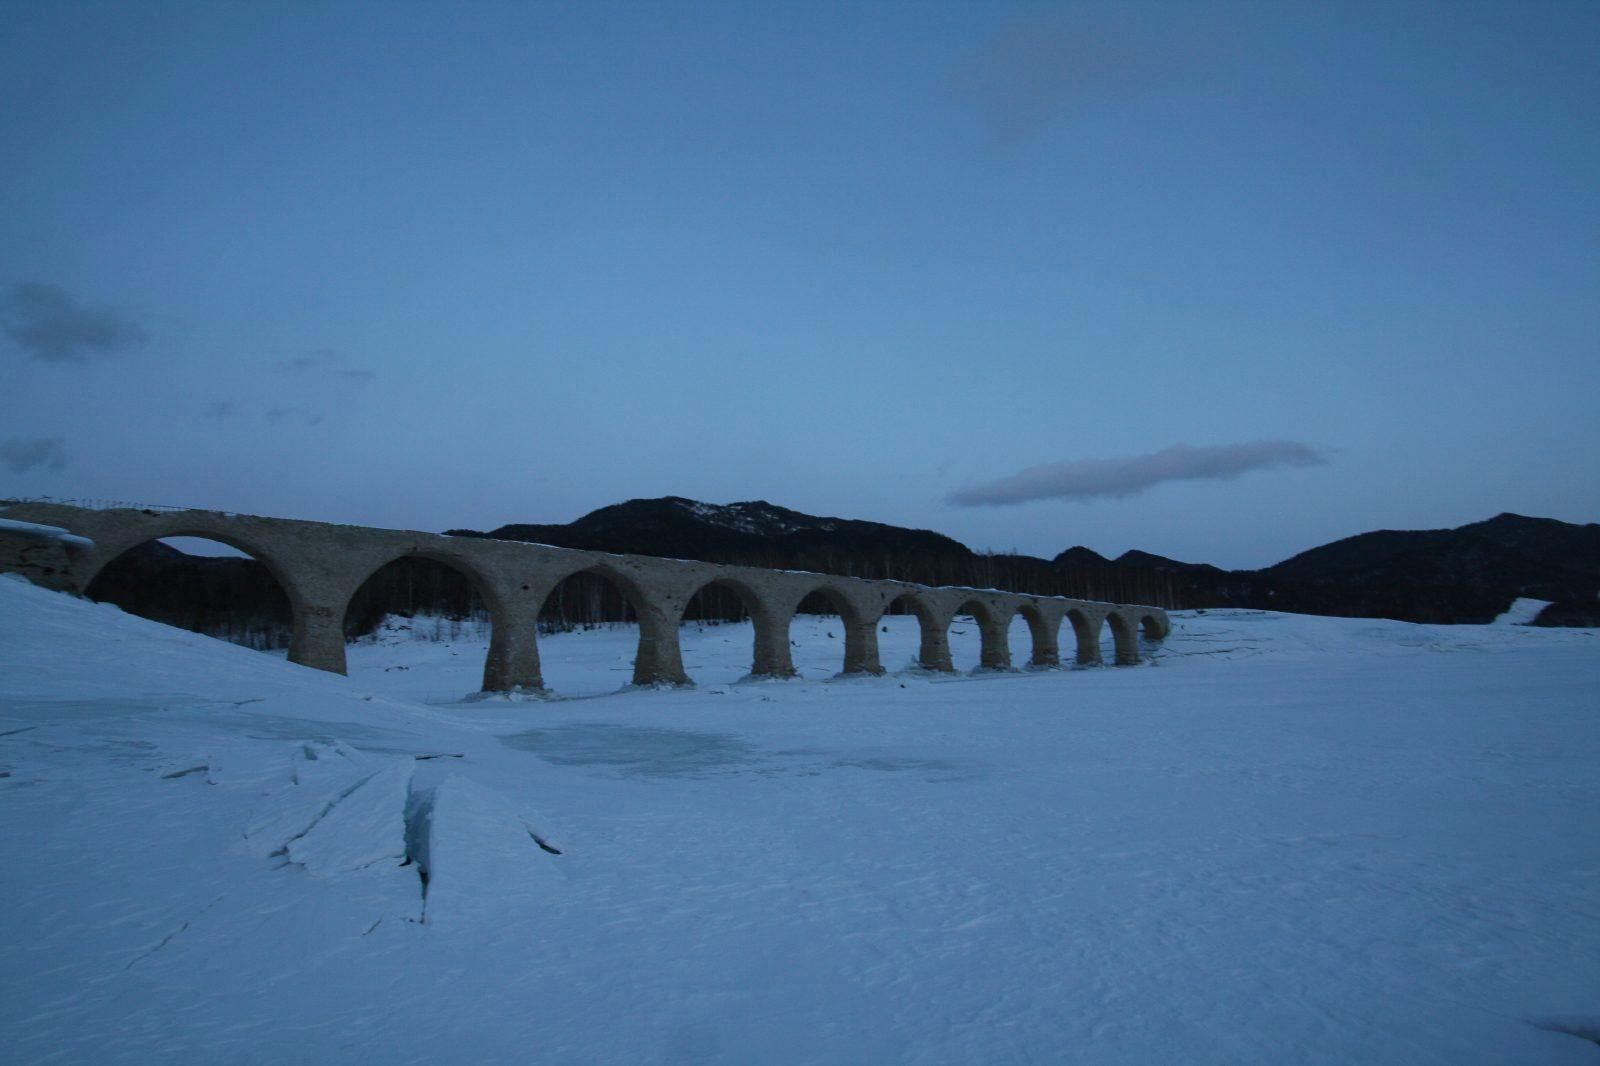 冬のタウシュベツ橋梁